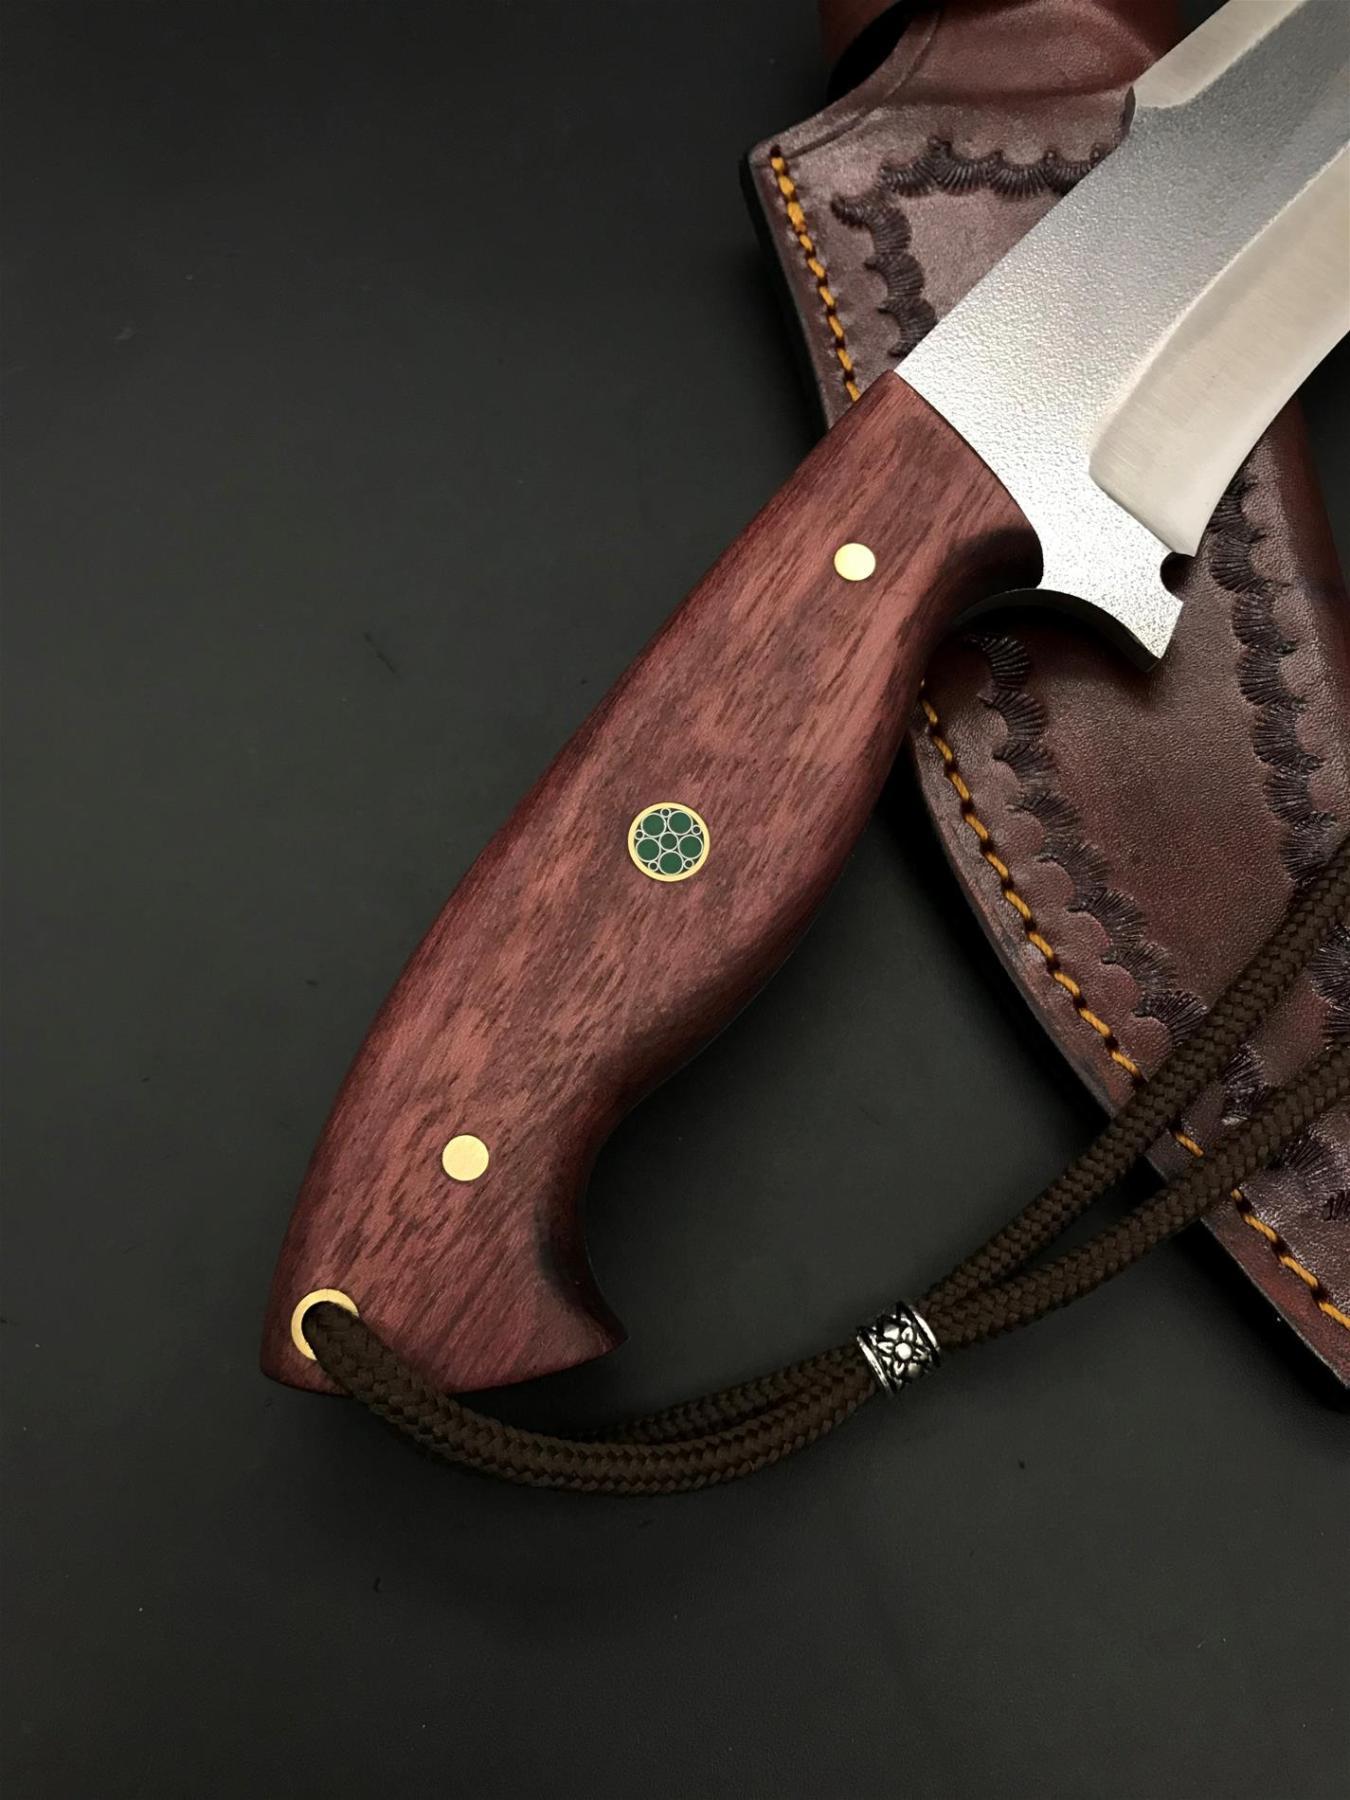 BOHLER N690 Camping Knife BB04-5 enlarge